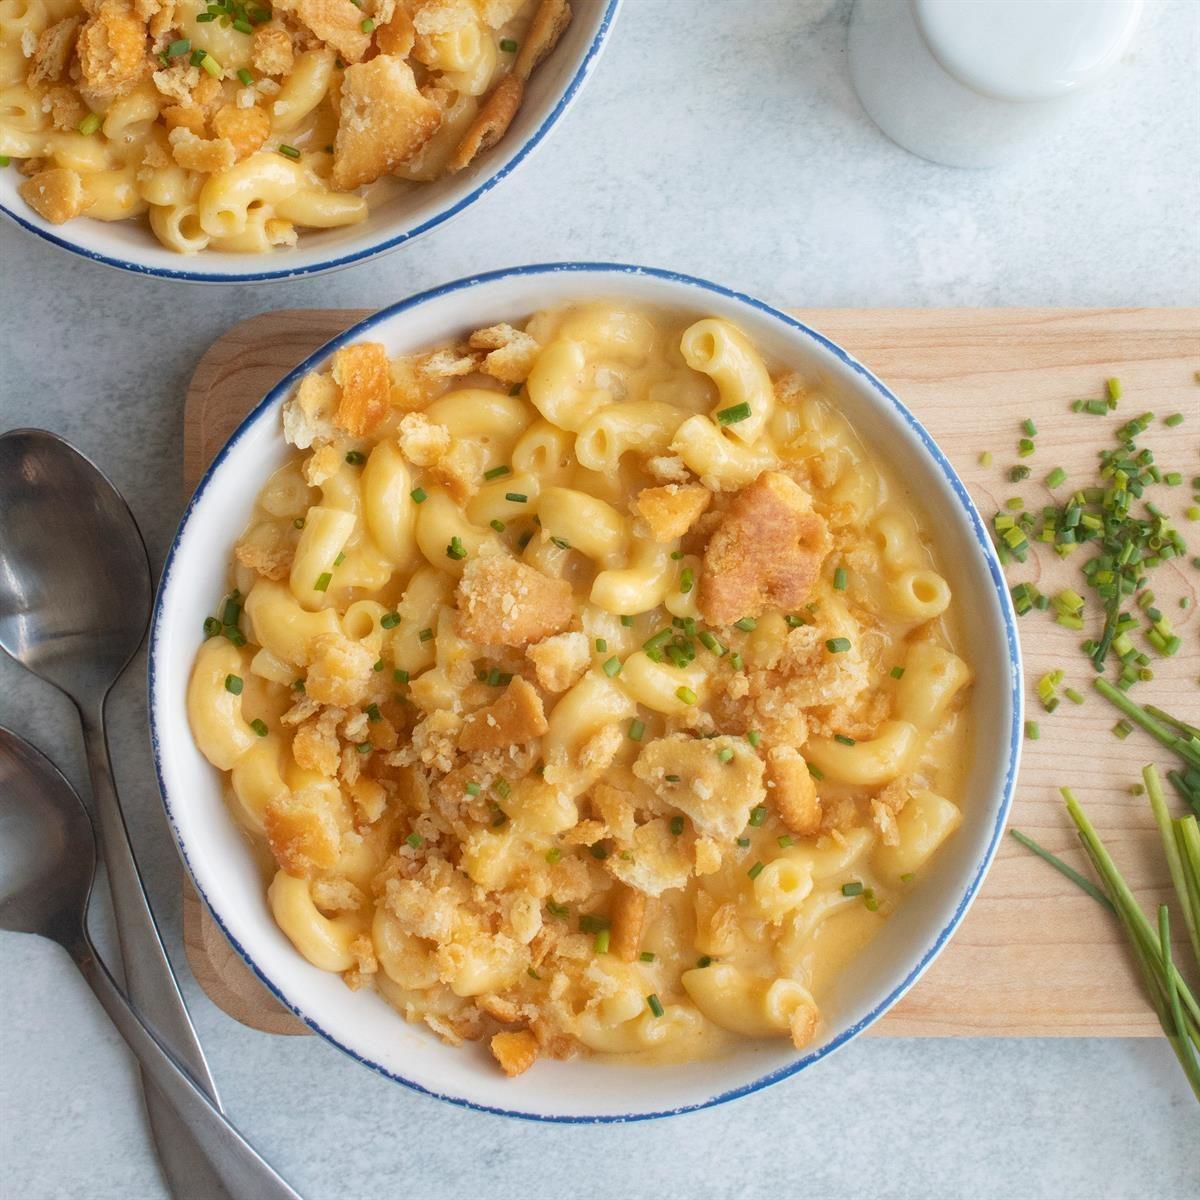 Cheesy Recipes - cover